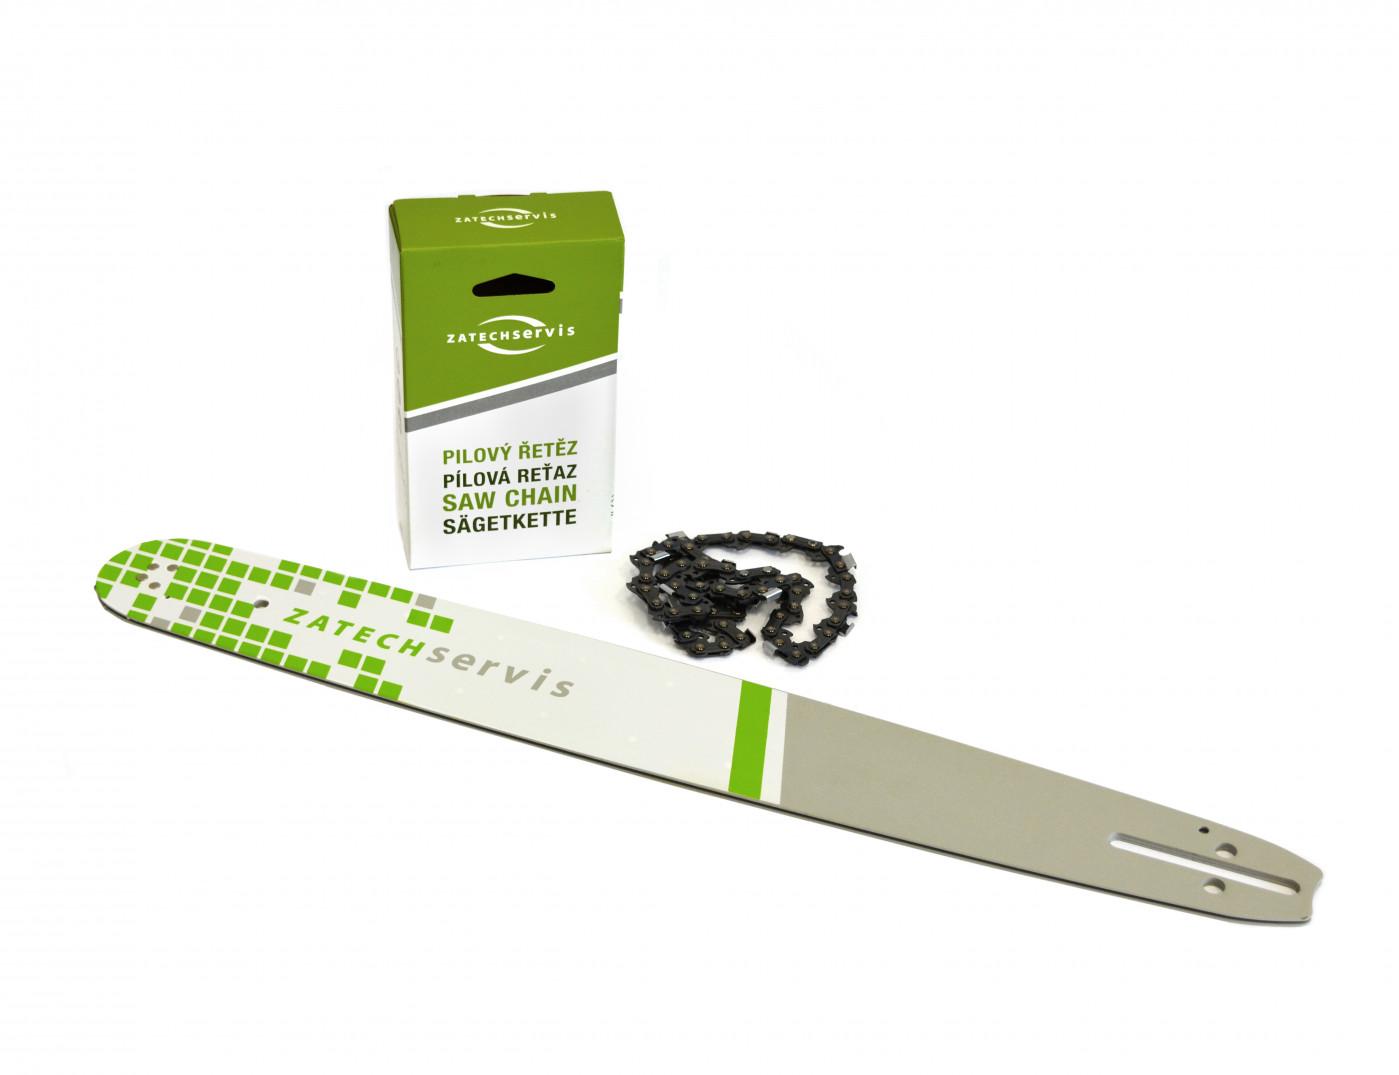 odiaca lišta 50cm + reťaz 78 článkov 325 1,5mm pre Husqvarnu